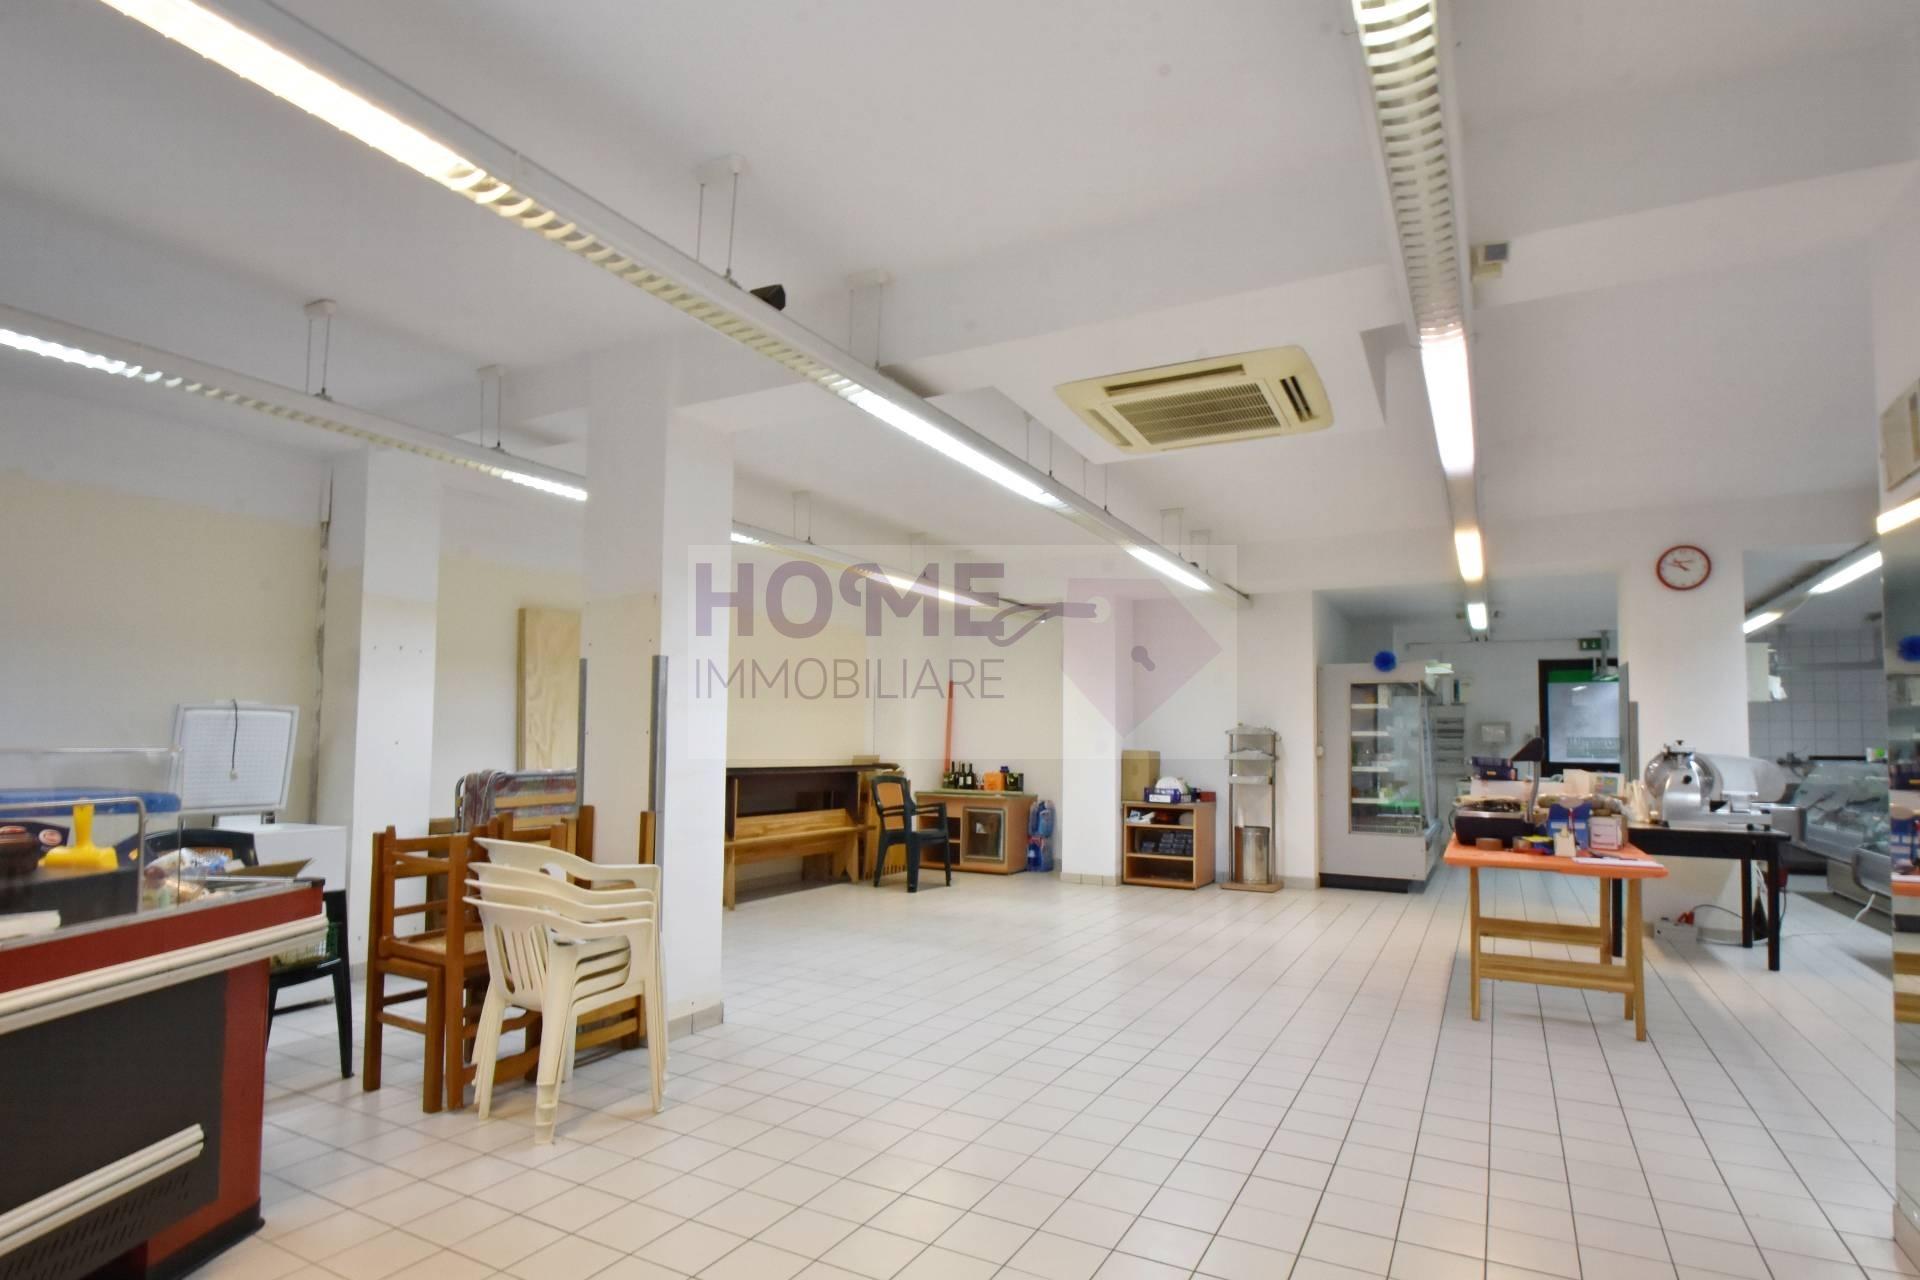 Locale commerciale in vendita, Montecassiano periferia Rif. 10346559